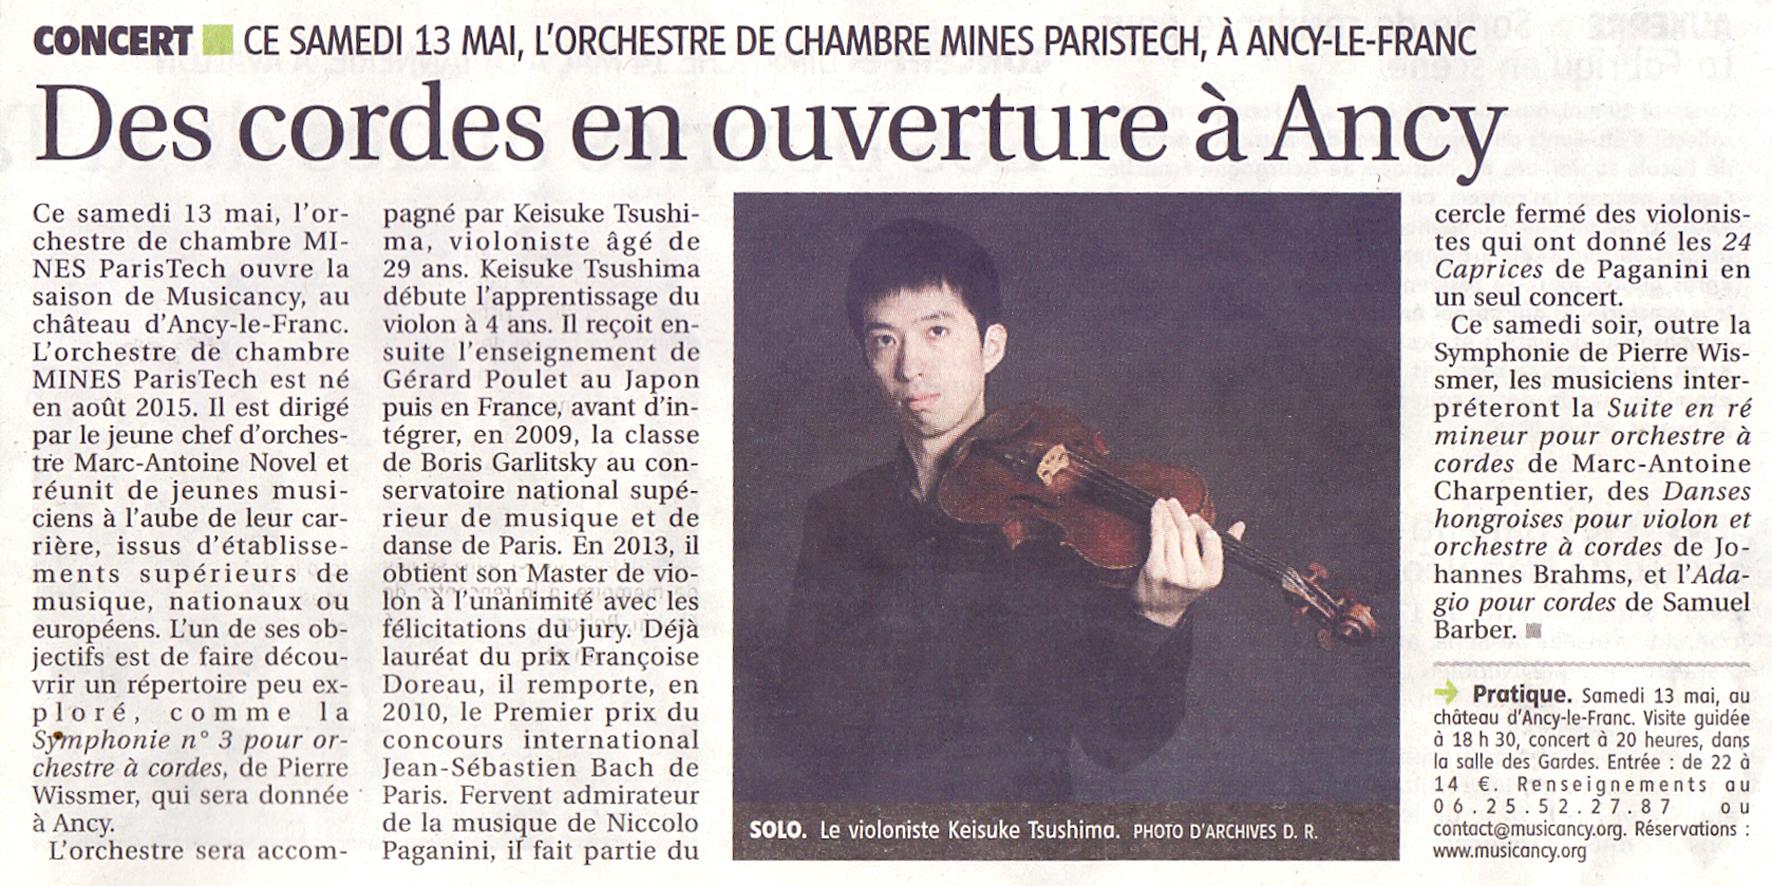 Concert Musicancy ouverture de la saison musicale chateau d'Ancy le Franc musique